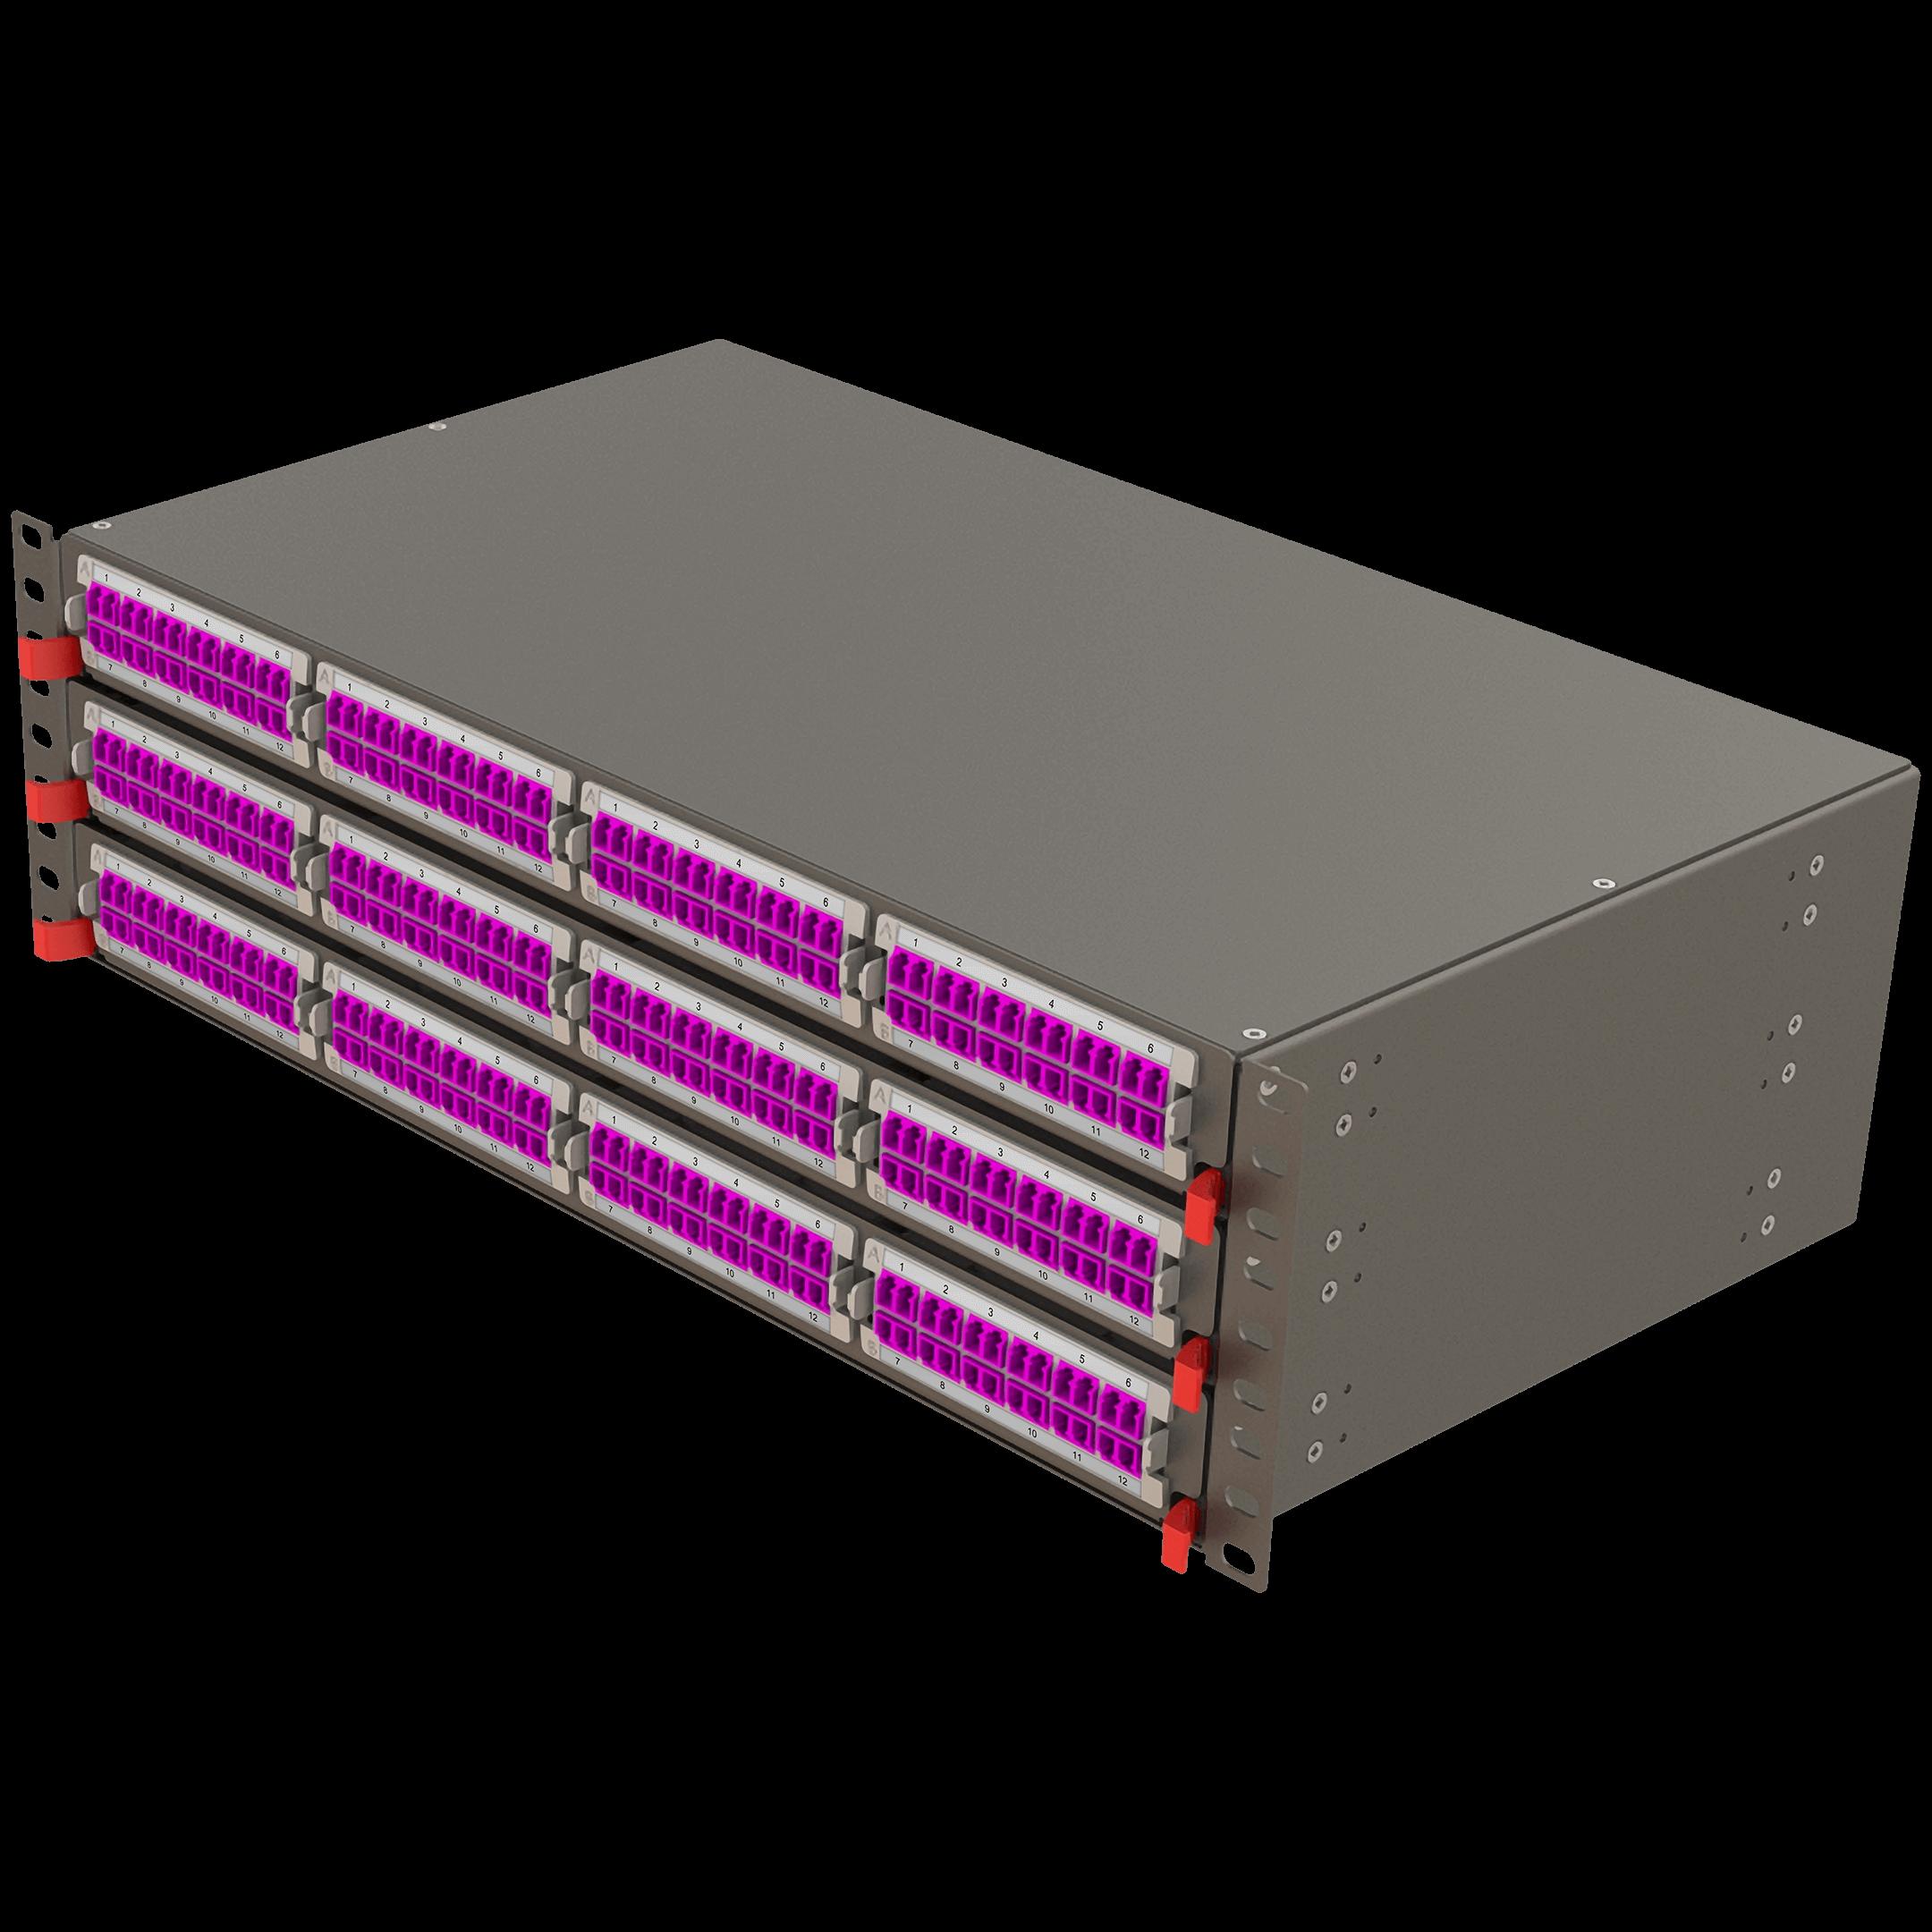 Samm Teknoloji - Modüler Yüksek Kapasiteli Panel | 3U 12 Yuvalı (1)